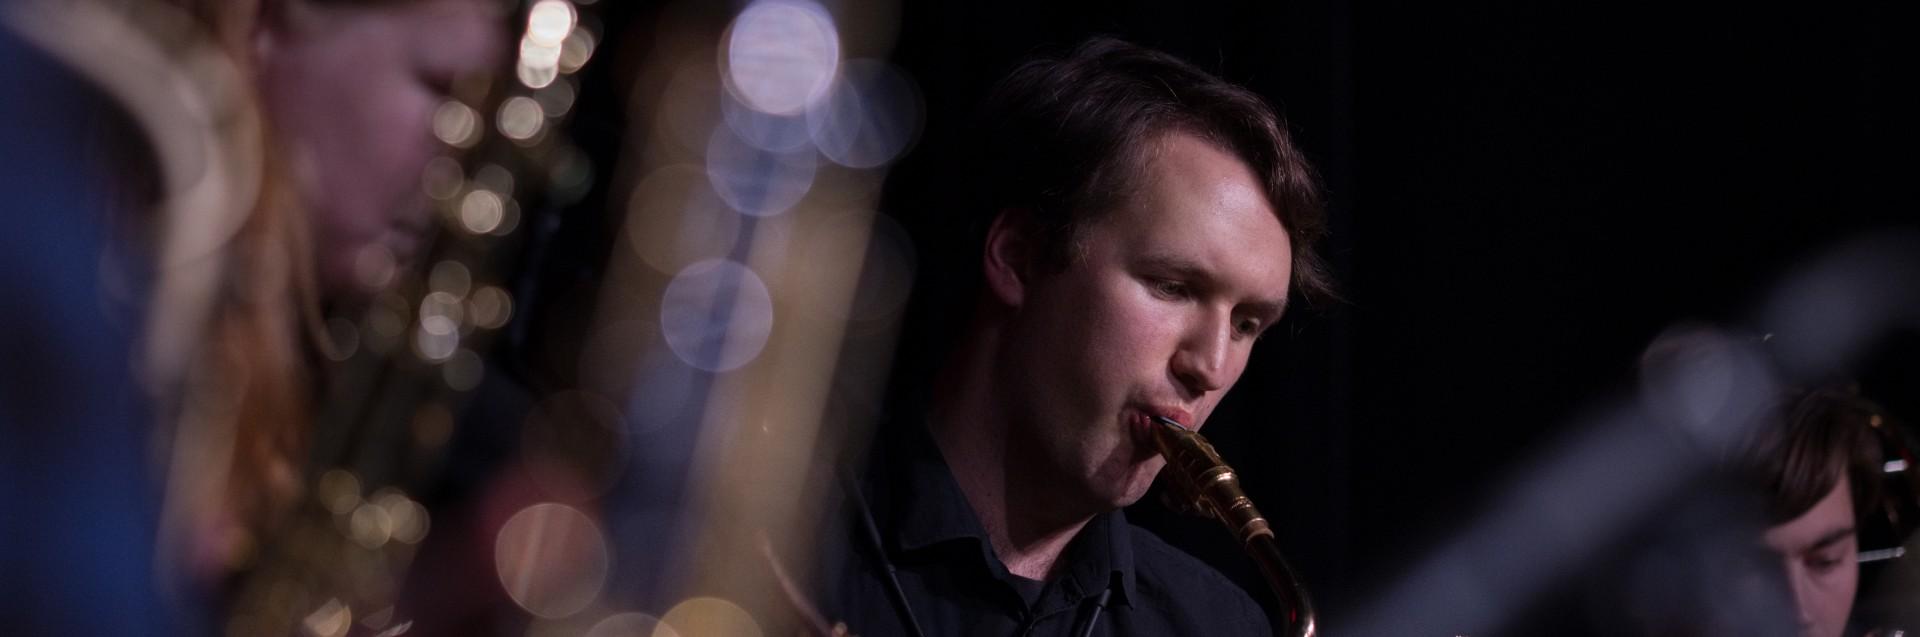 Julekonsert med Bjergsted jazzensemble desember 2018. Foto: Kornelius Kiil Enoksen